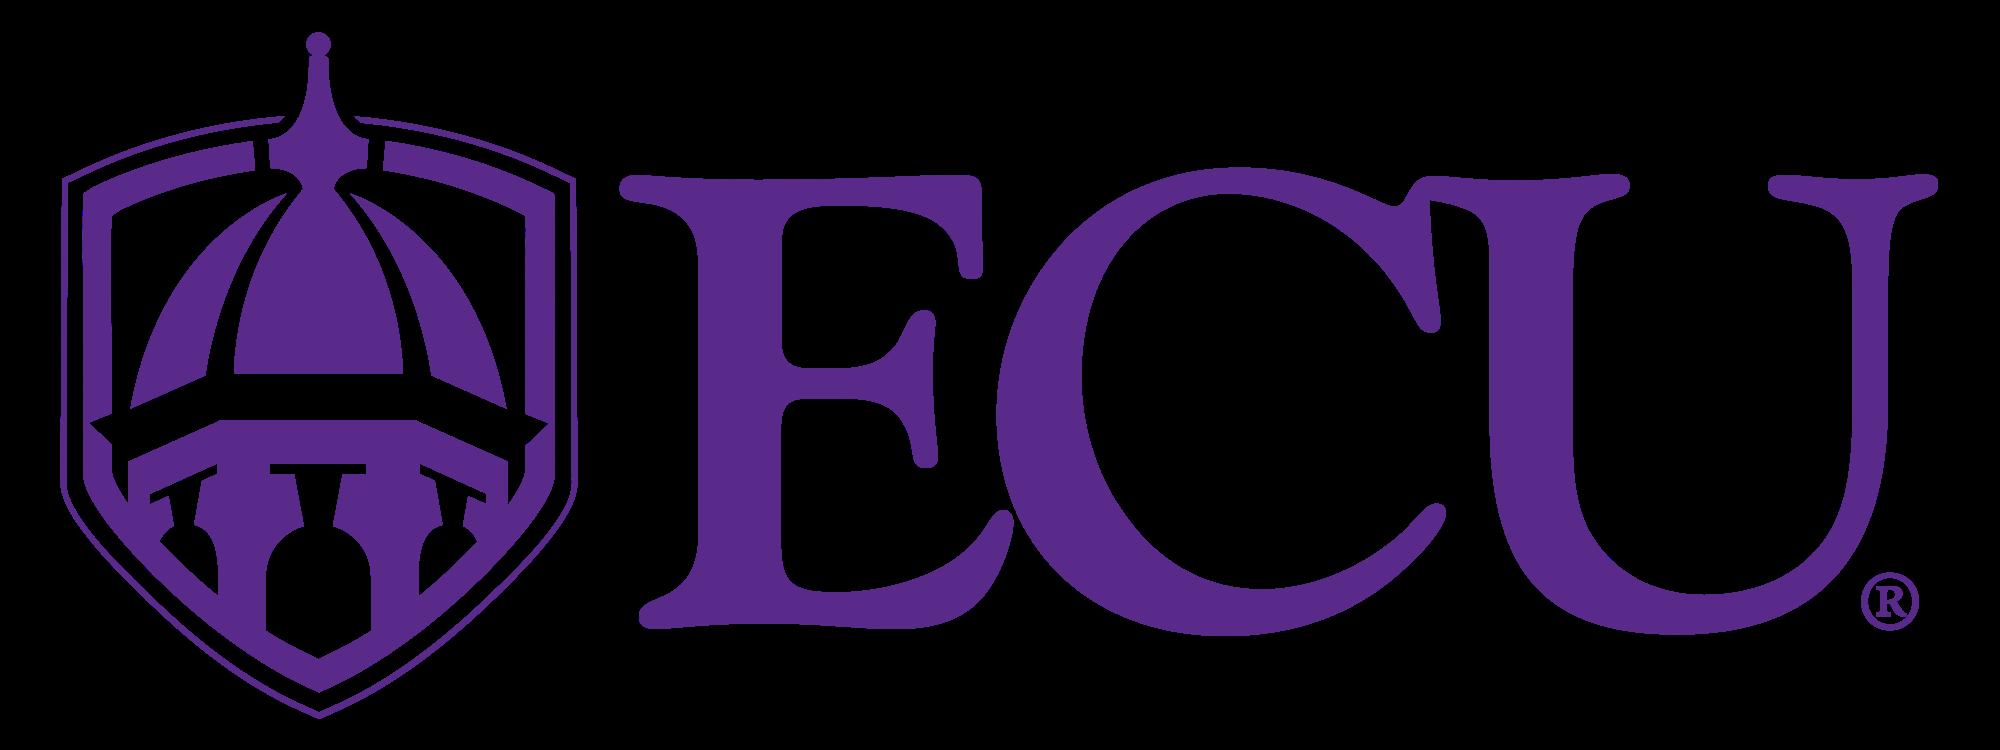 ECU.png